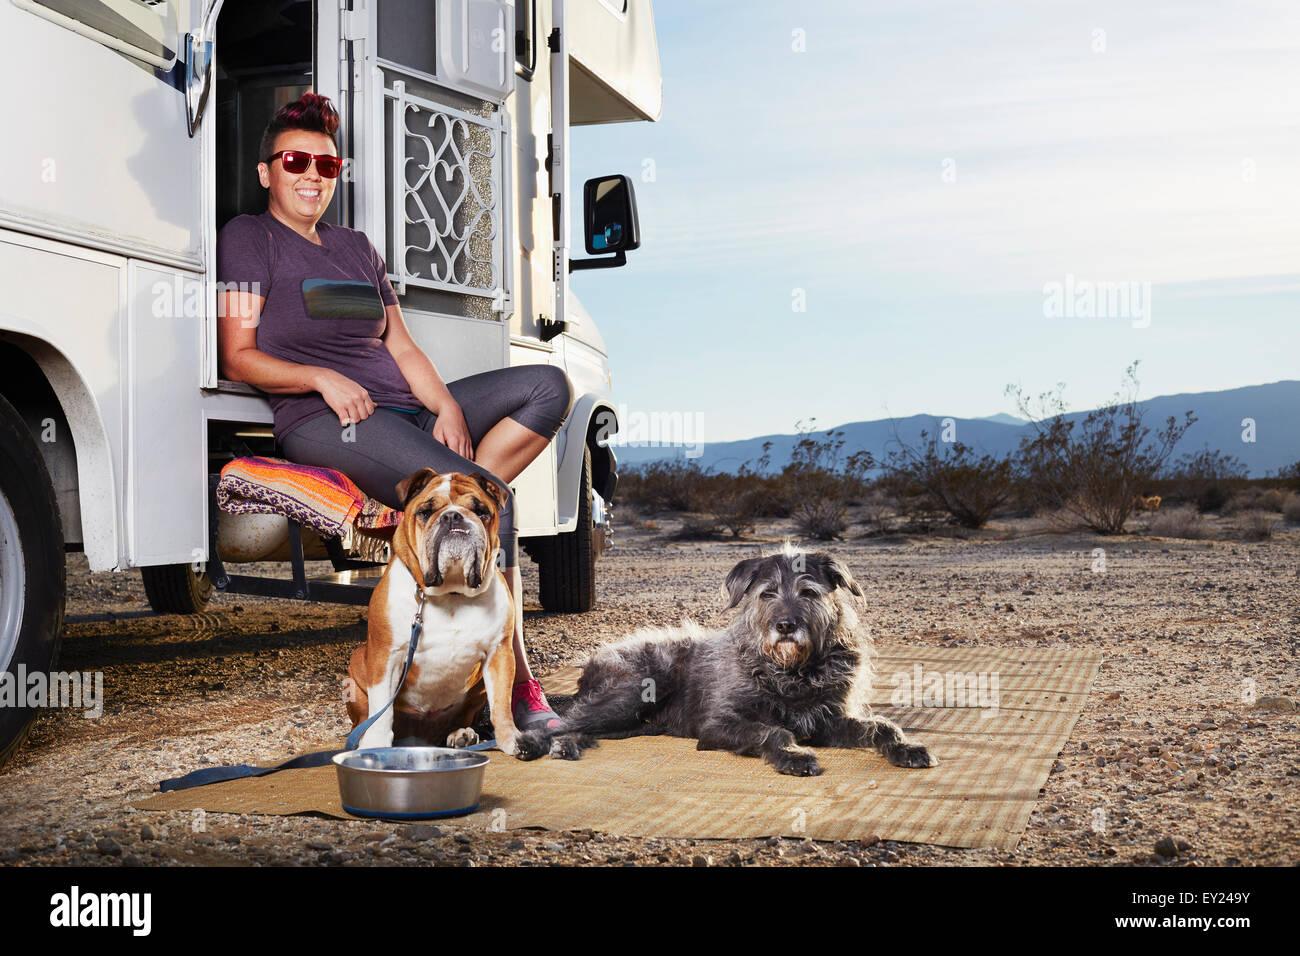 Ritratto di metà donna adulta e due cani seduti sul camper passo, Borrego Springs, California, Stati Uniti Immagini Stock